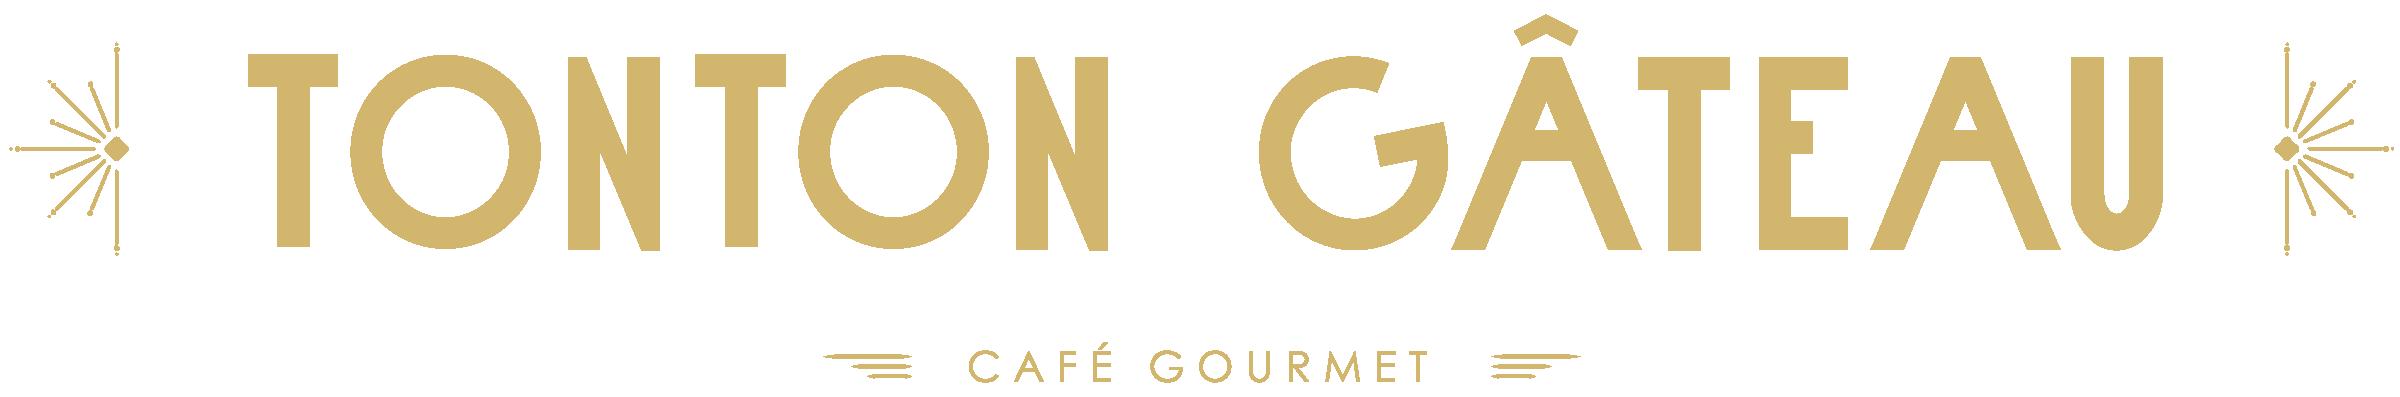 Tonton Gâteau – Café Gourmet